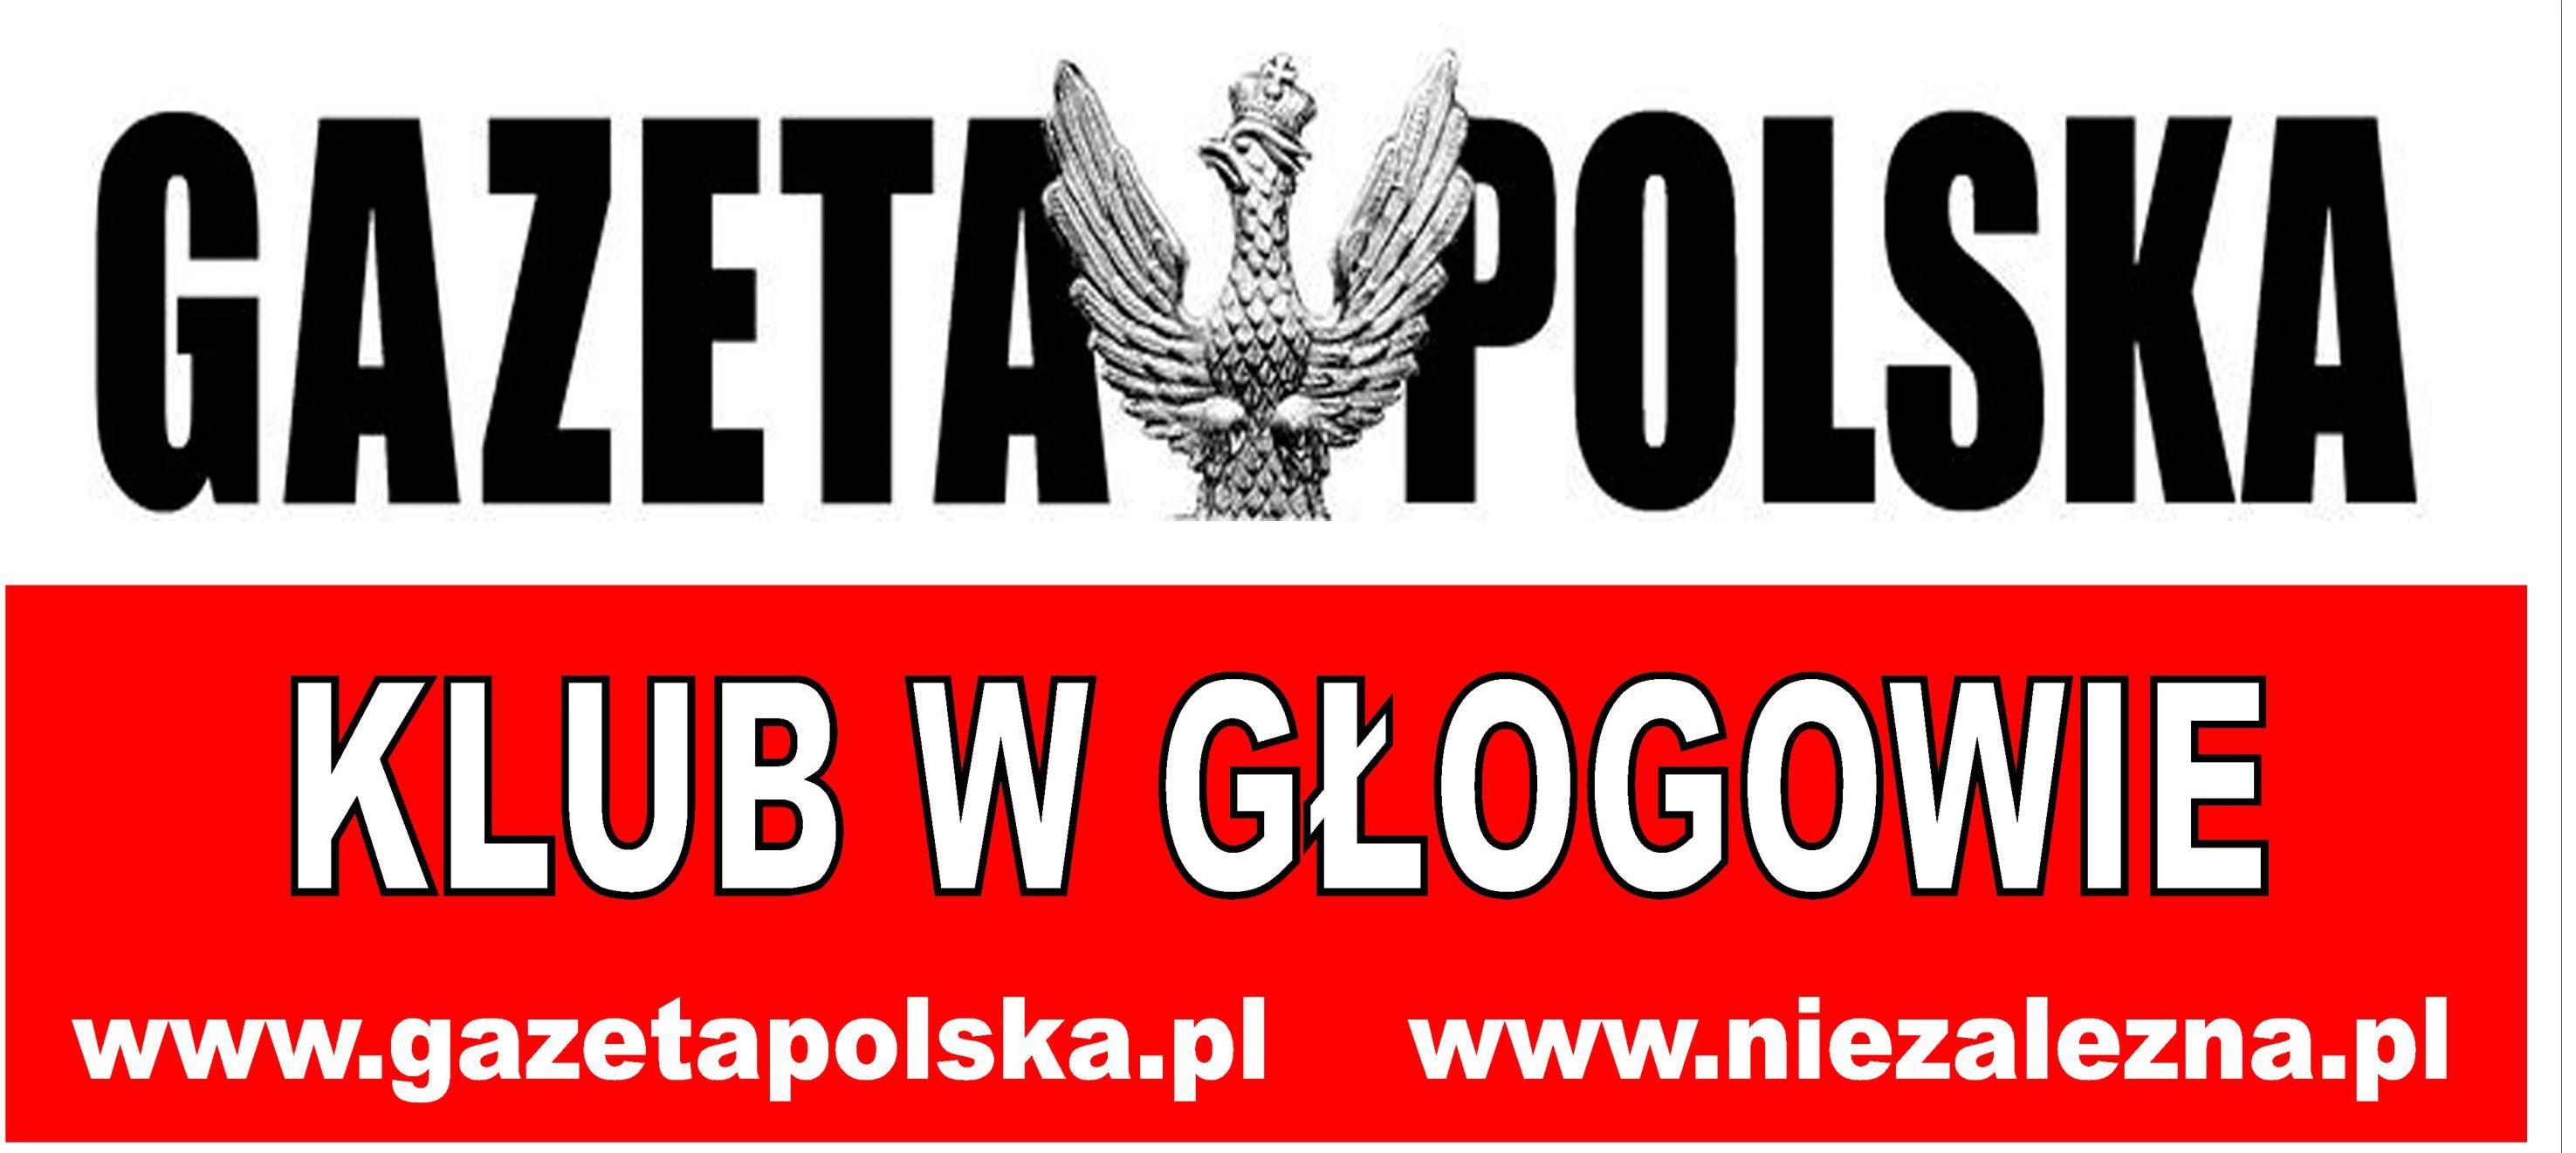 Glogow logo